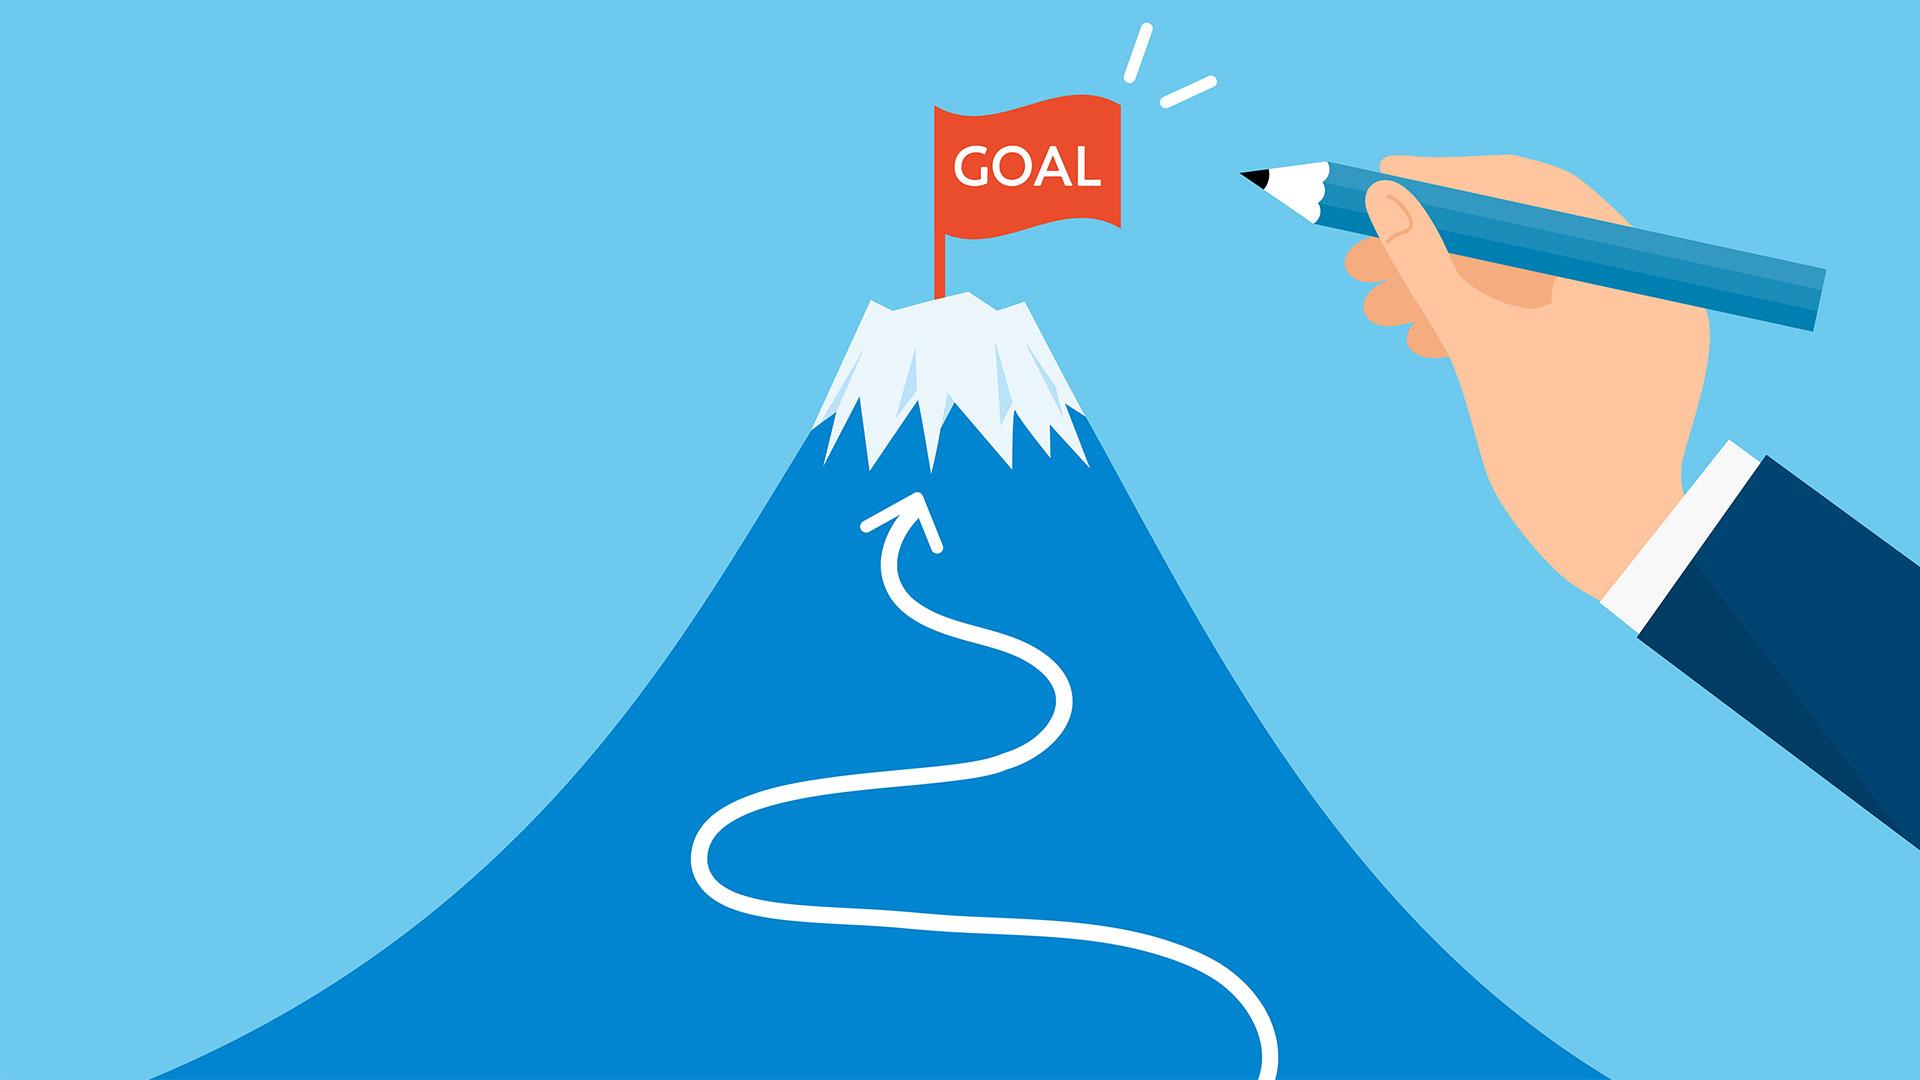 まとめ:目標を定めて積み重ねるのが稼ぐ最短距離